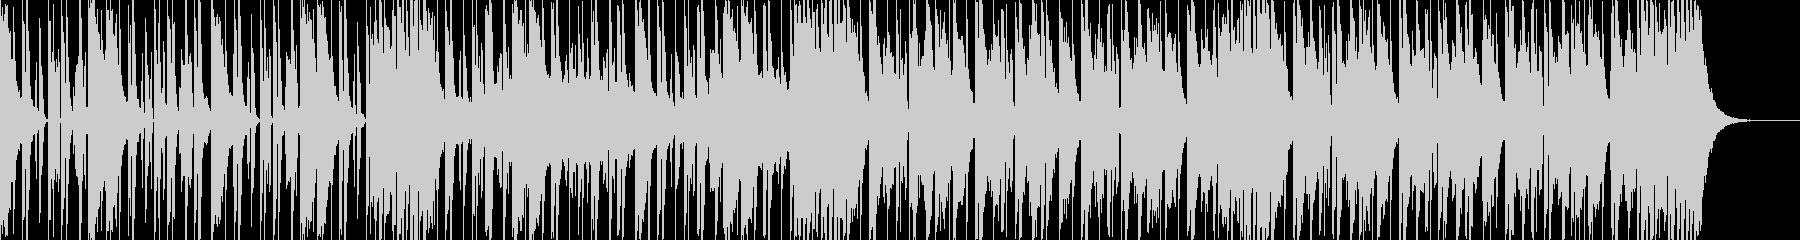 ダークなブラスとスクラッチヒップホップcの未再生の波形